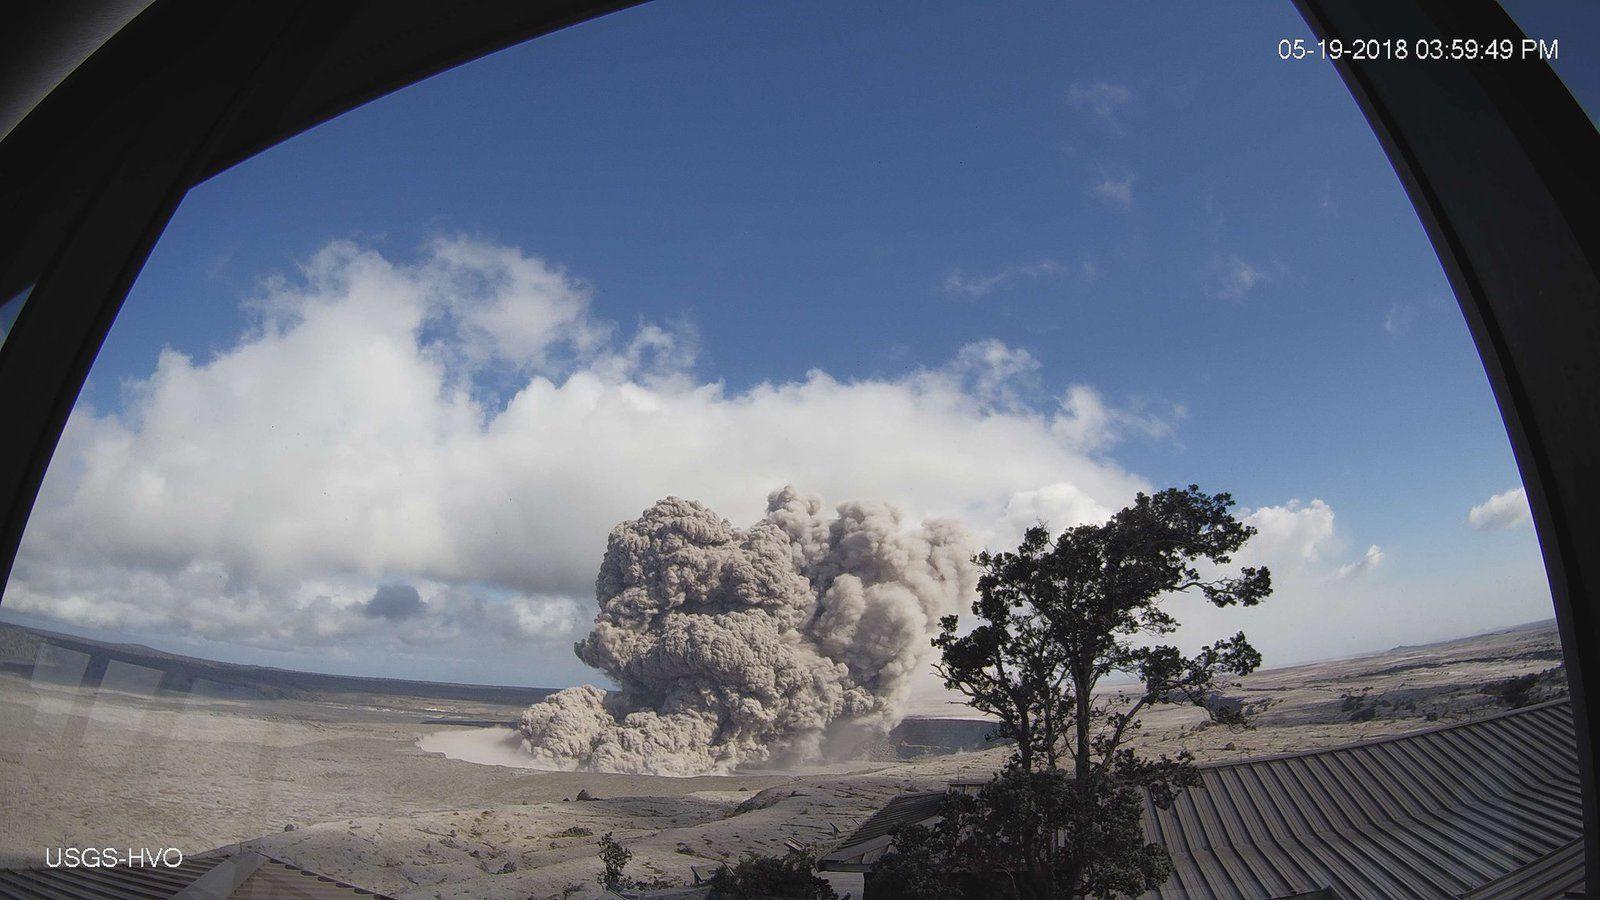 Kilauea sommet - émission de cendres par le cratère Overlook / dans l'Halema'uma'u le 19.05.2018 /  15h59 - photo USGS